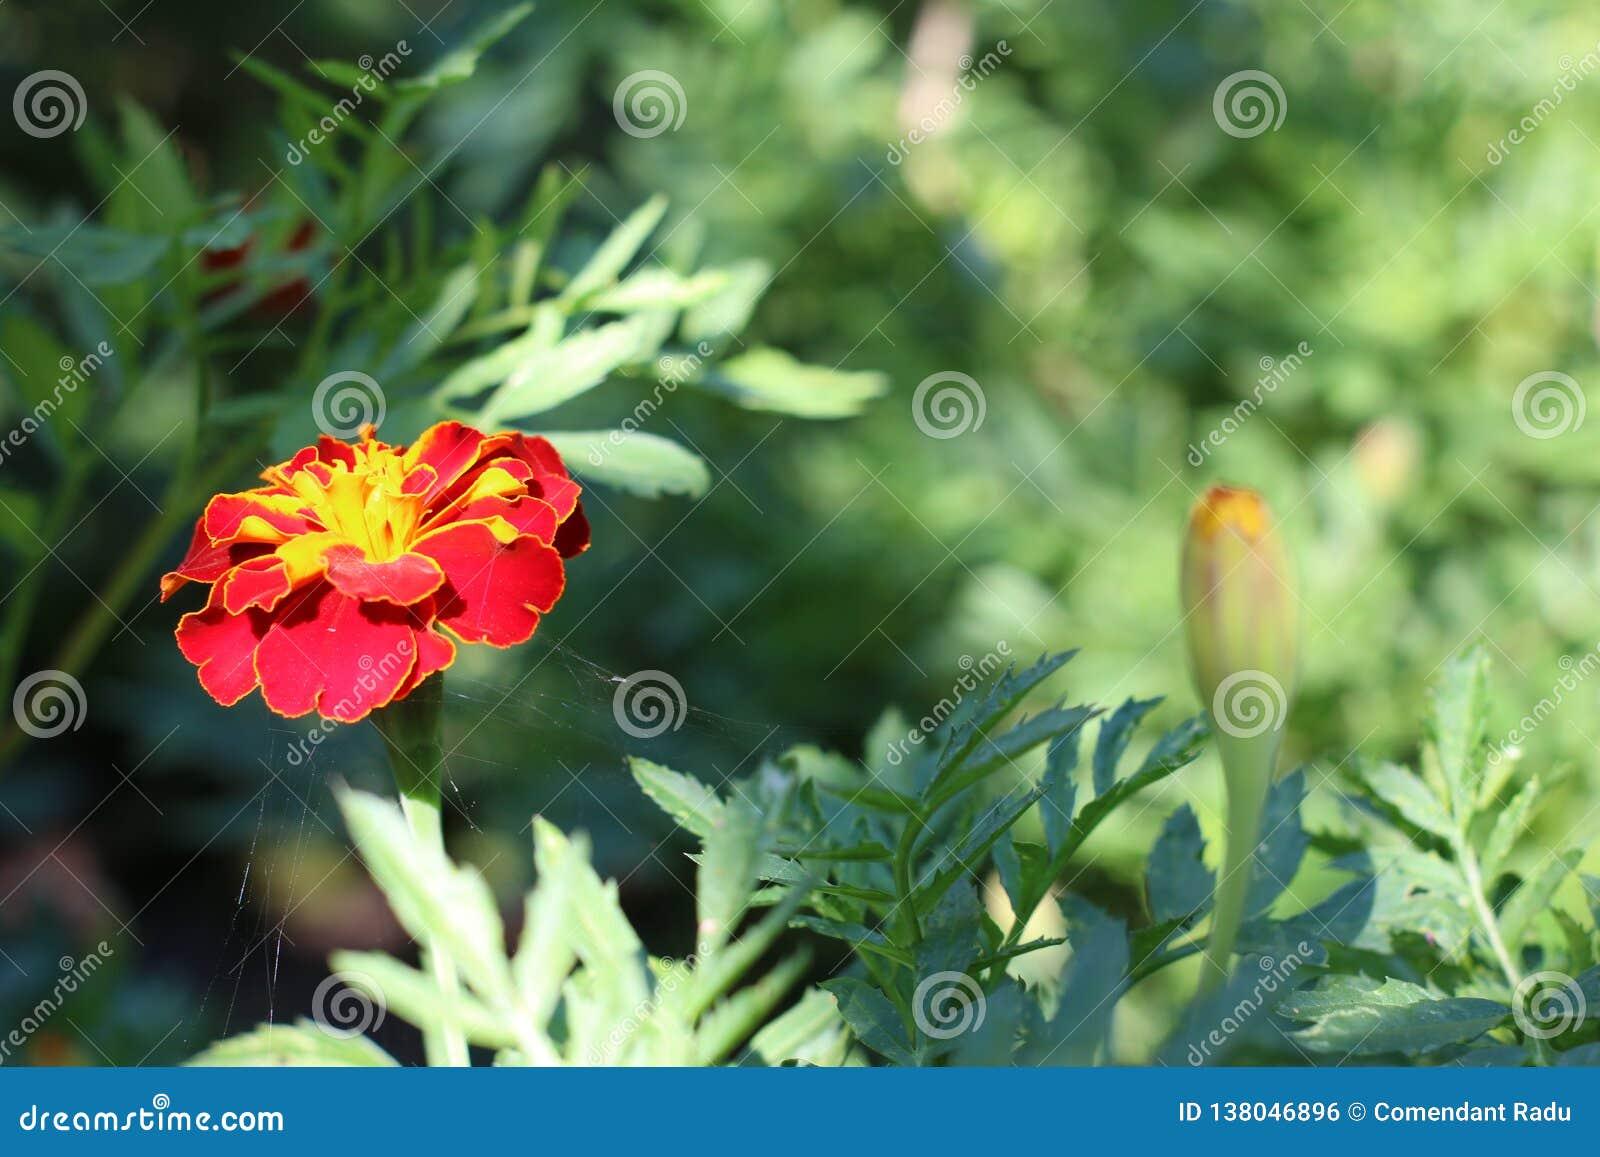 En härlig blomma i solljuset